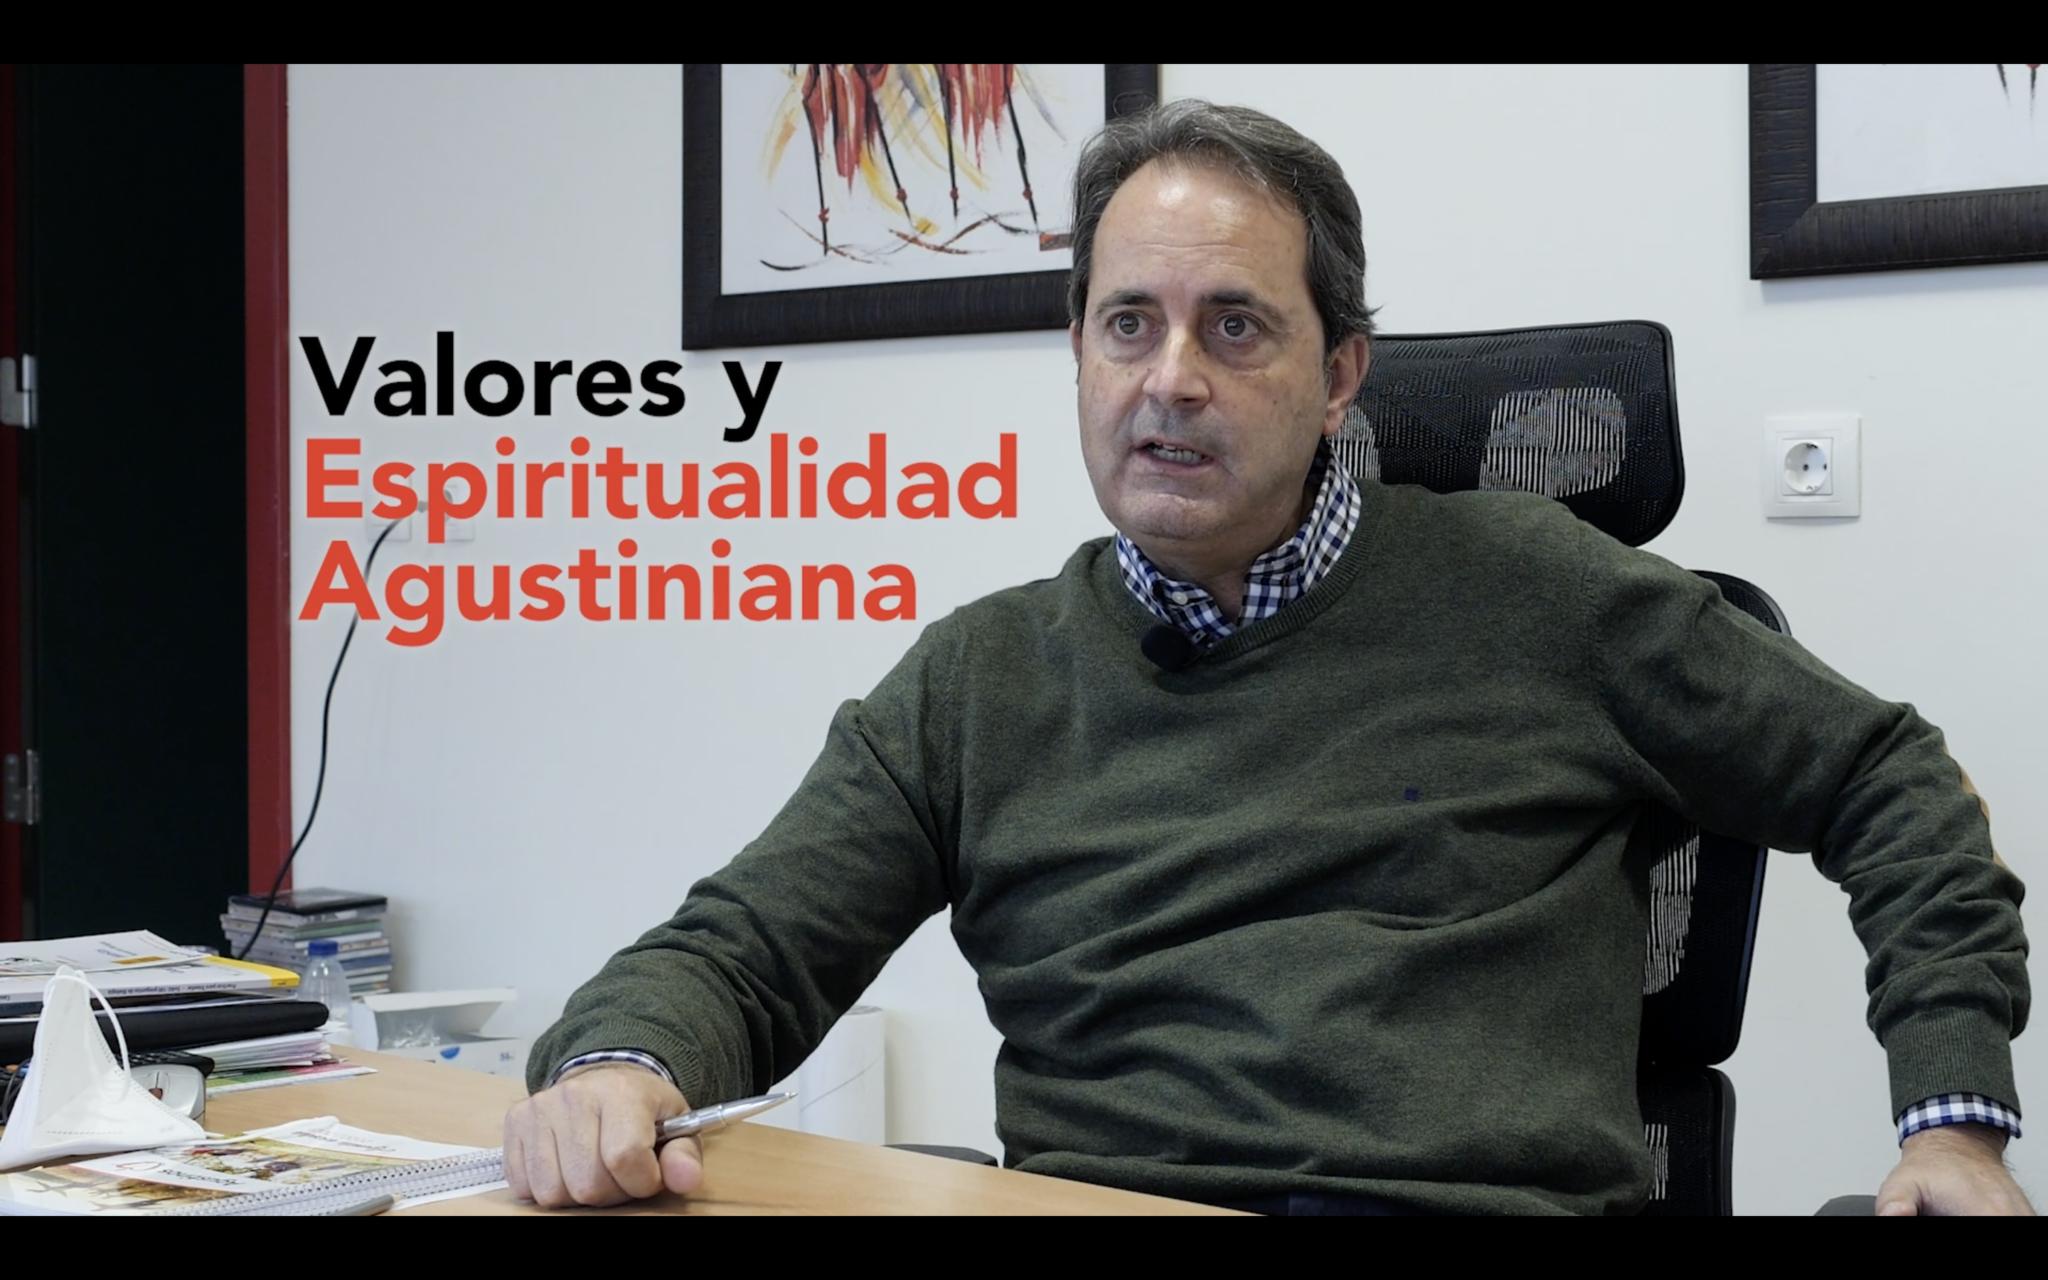 En España hay 17 colegios agustinos, que están en plena campaña de matriculación. A través de un vídeo te contamos cómo son los colegios agustinos.